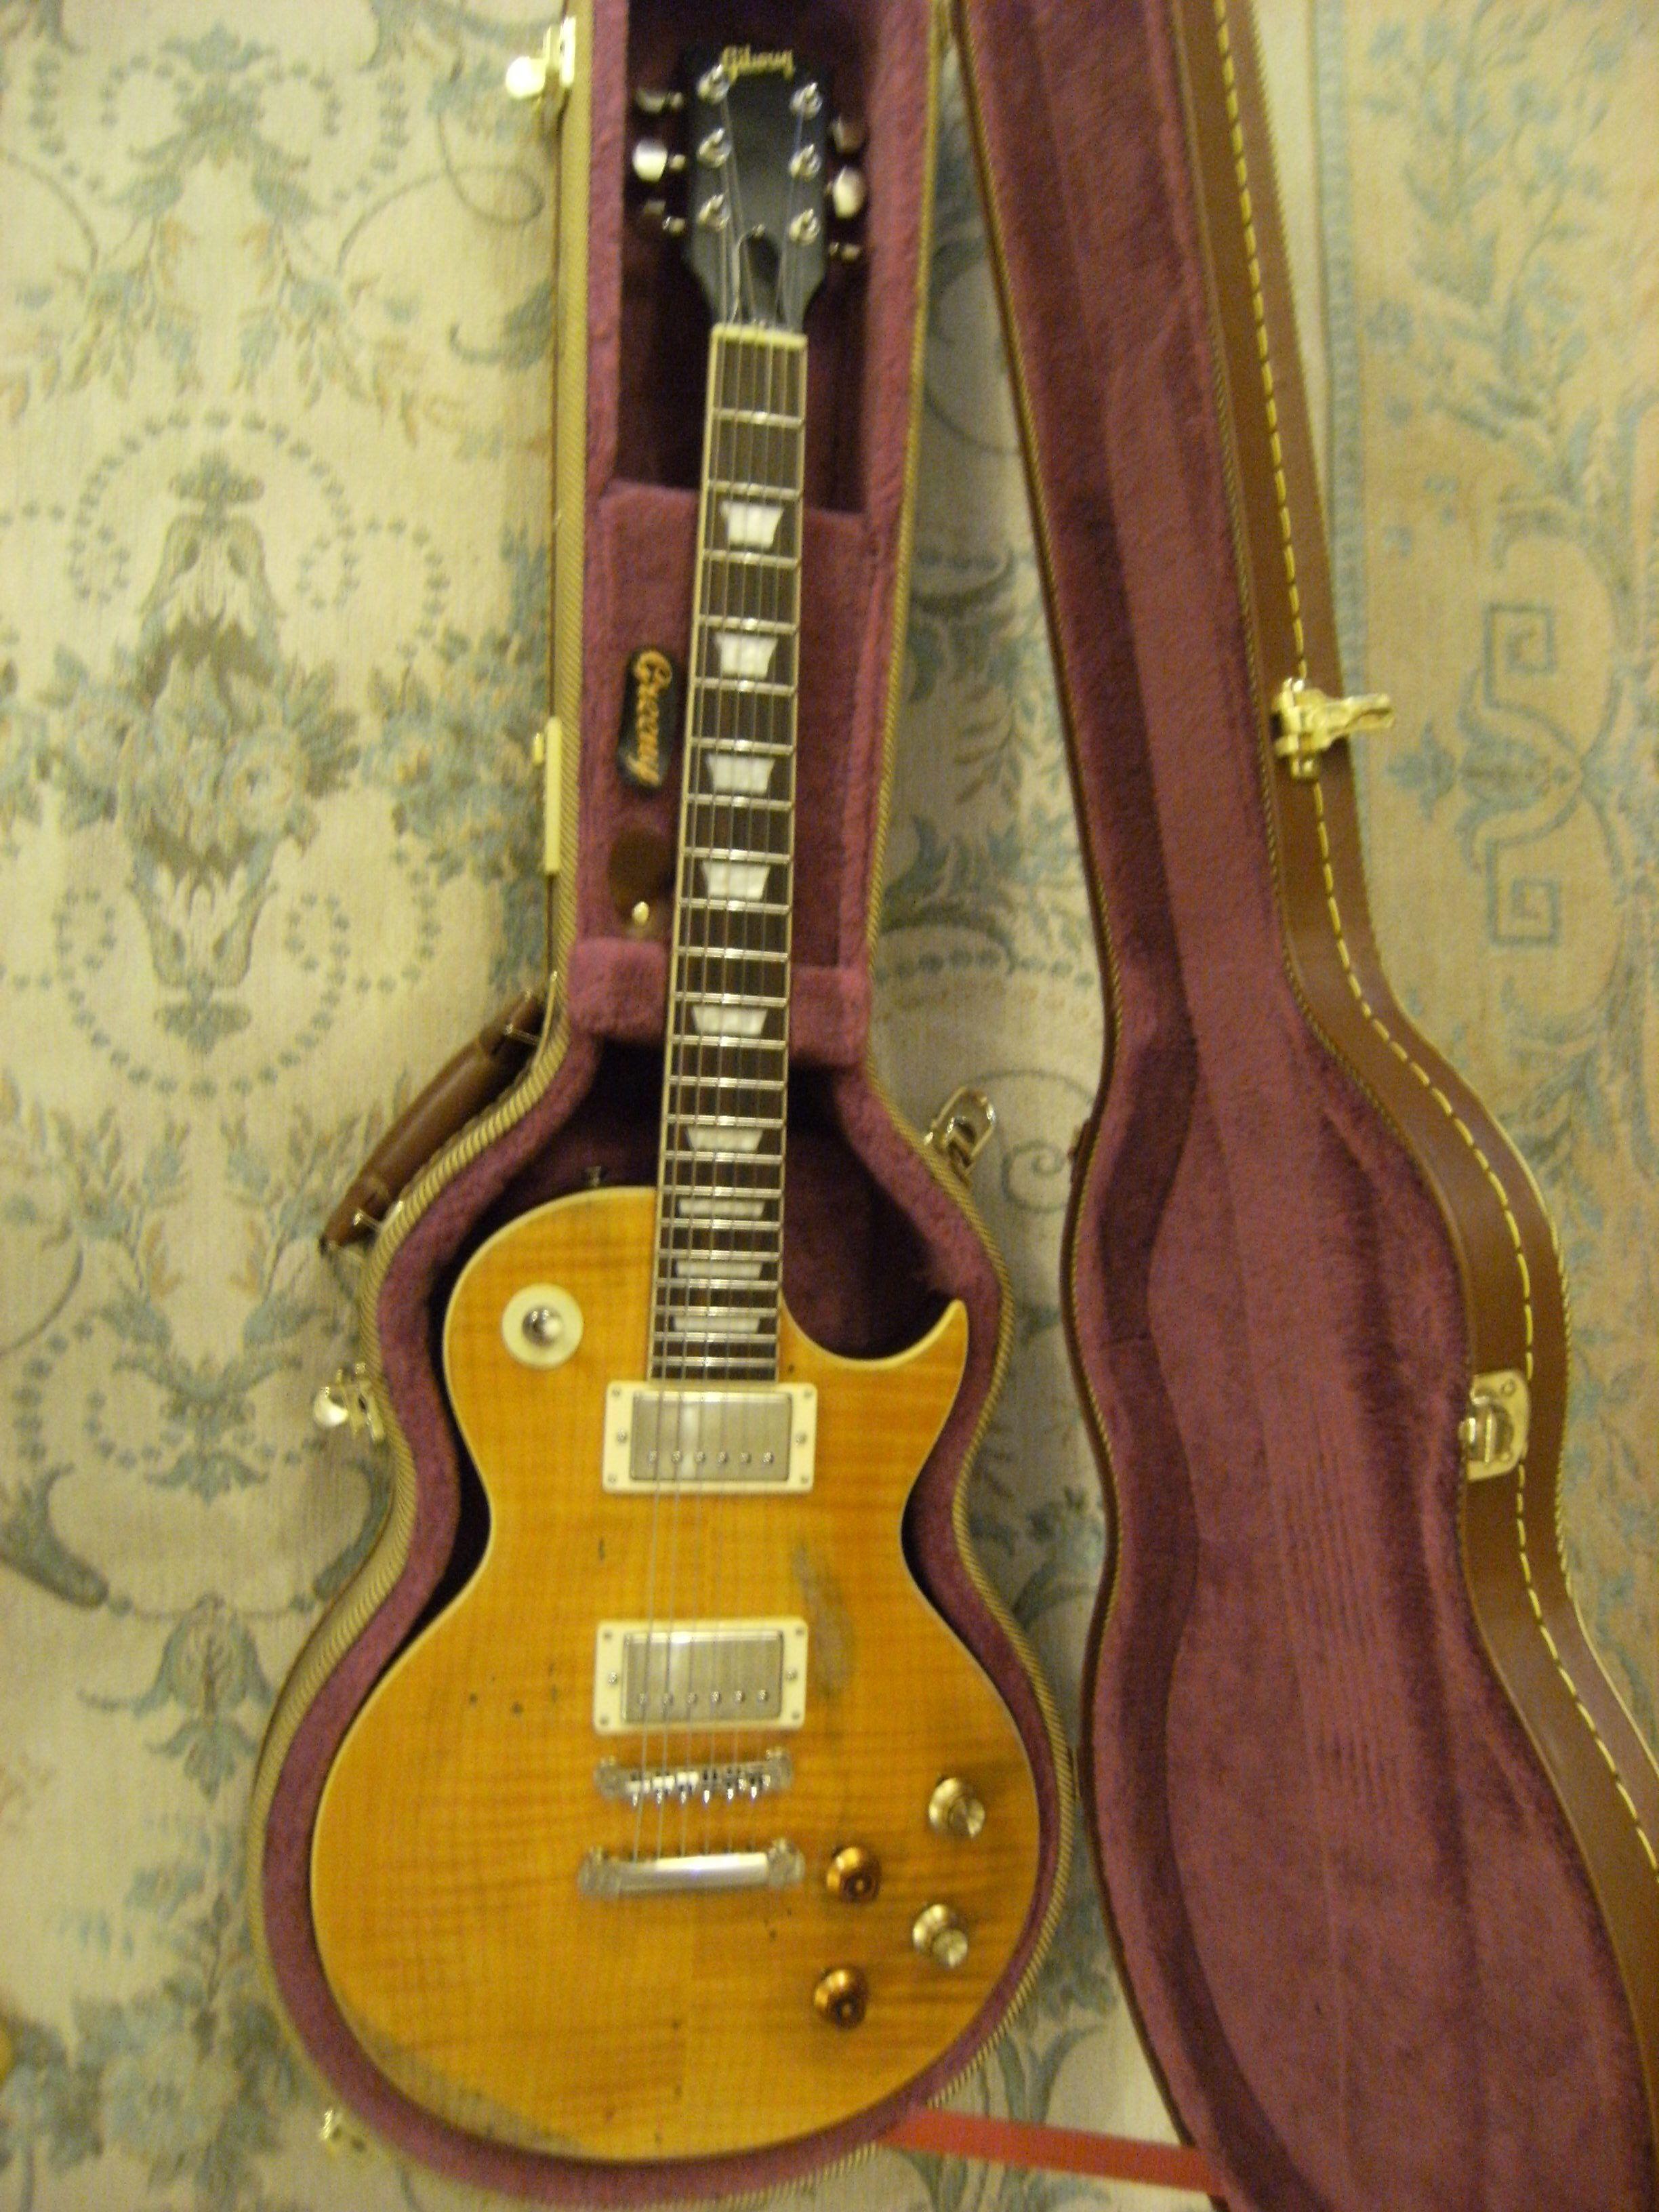 My Tribute Lp The Vintage V100 In Its Case Vintage V100 Vintage Guitar Body